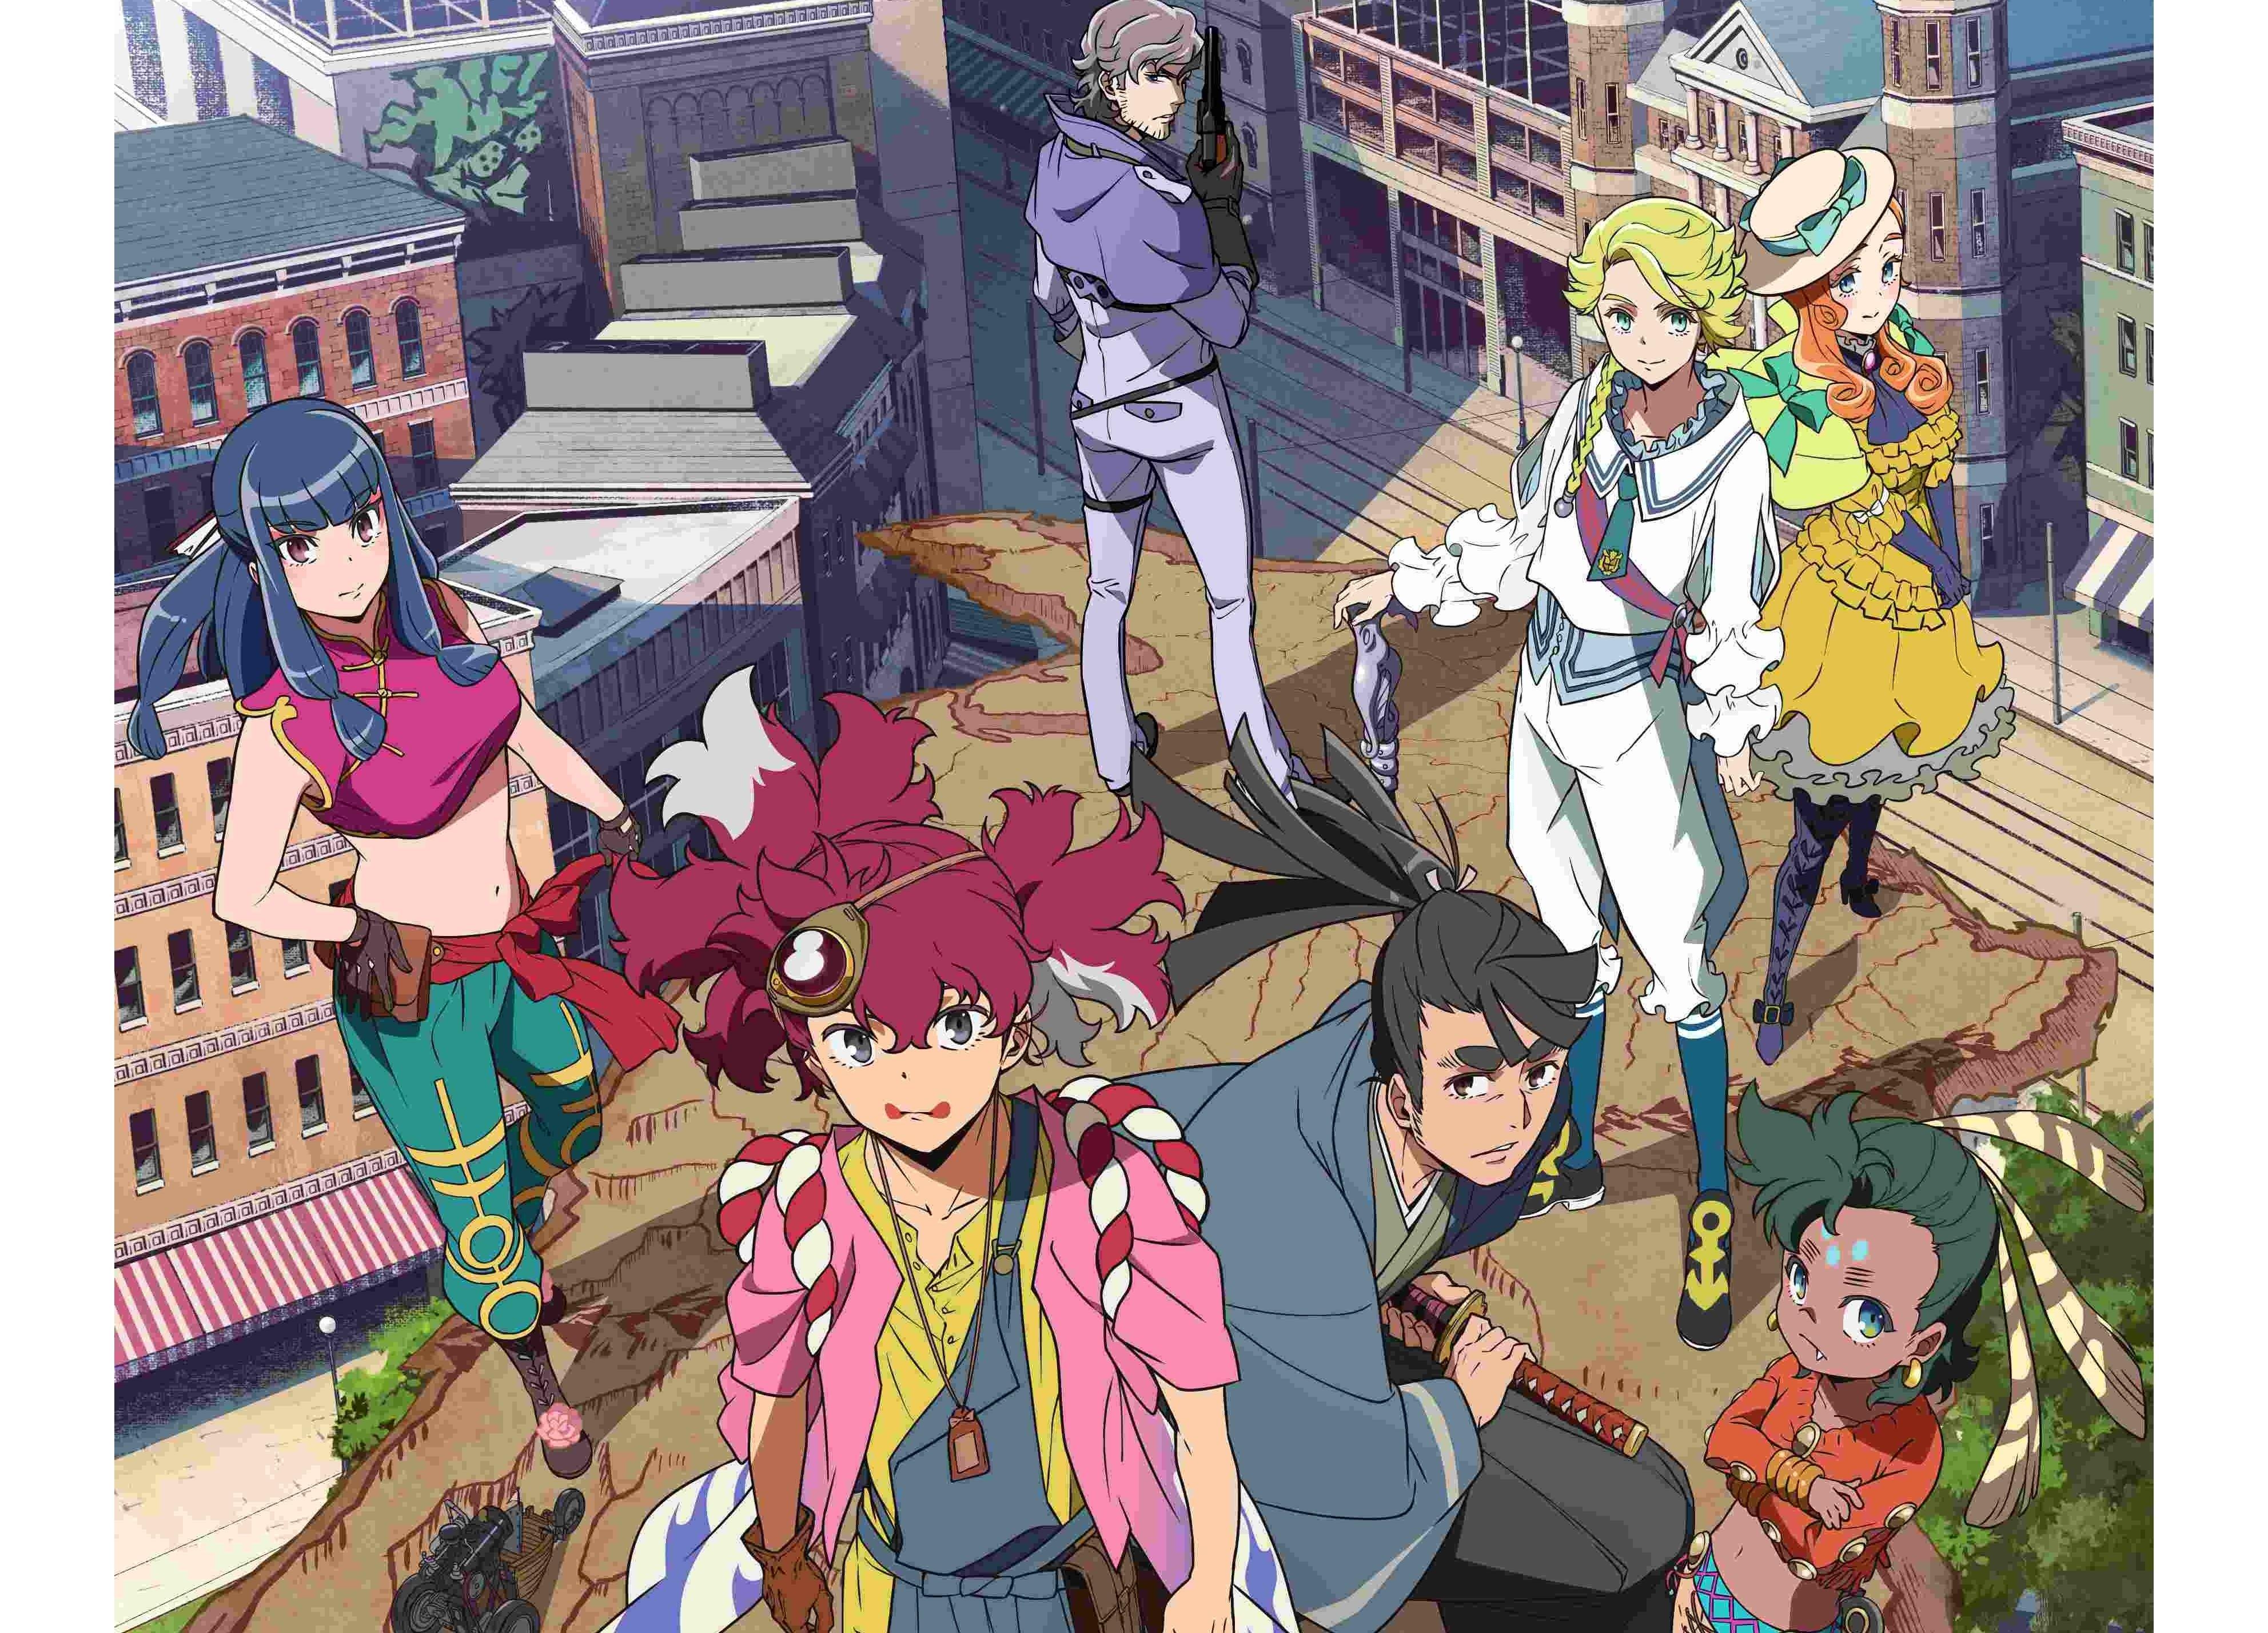 TVアニメ『天晴爛漫!』2020年4月10日(金)より放送開始